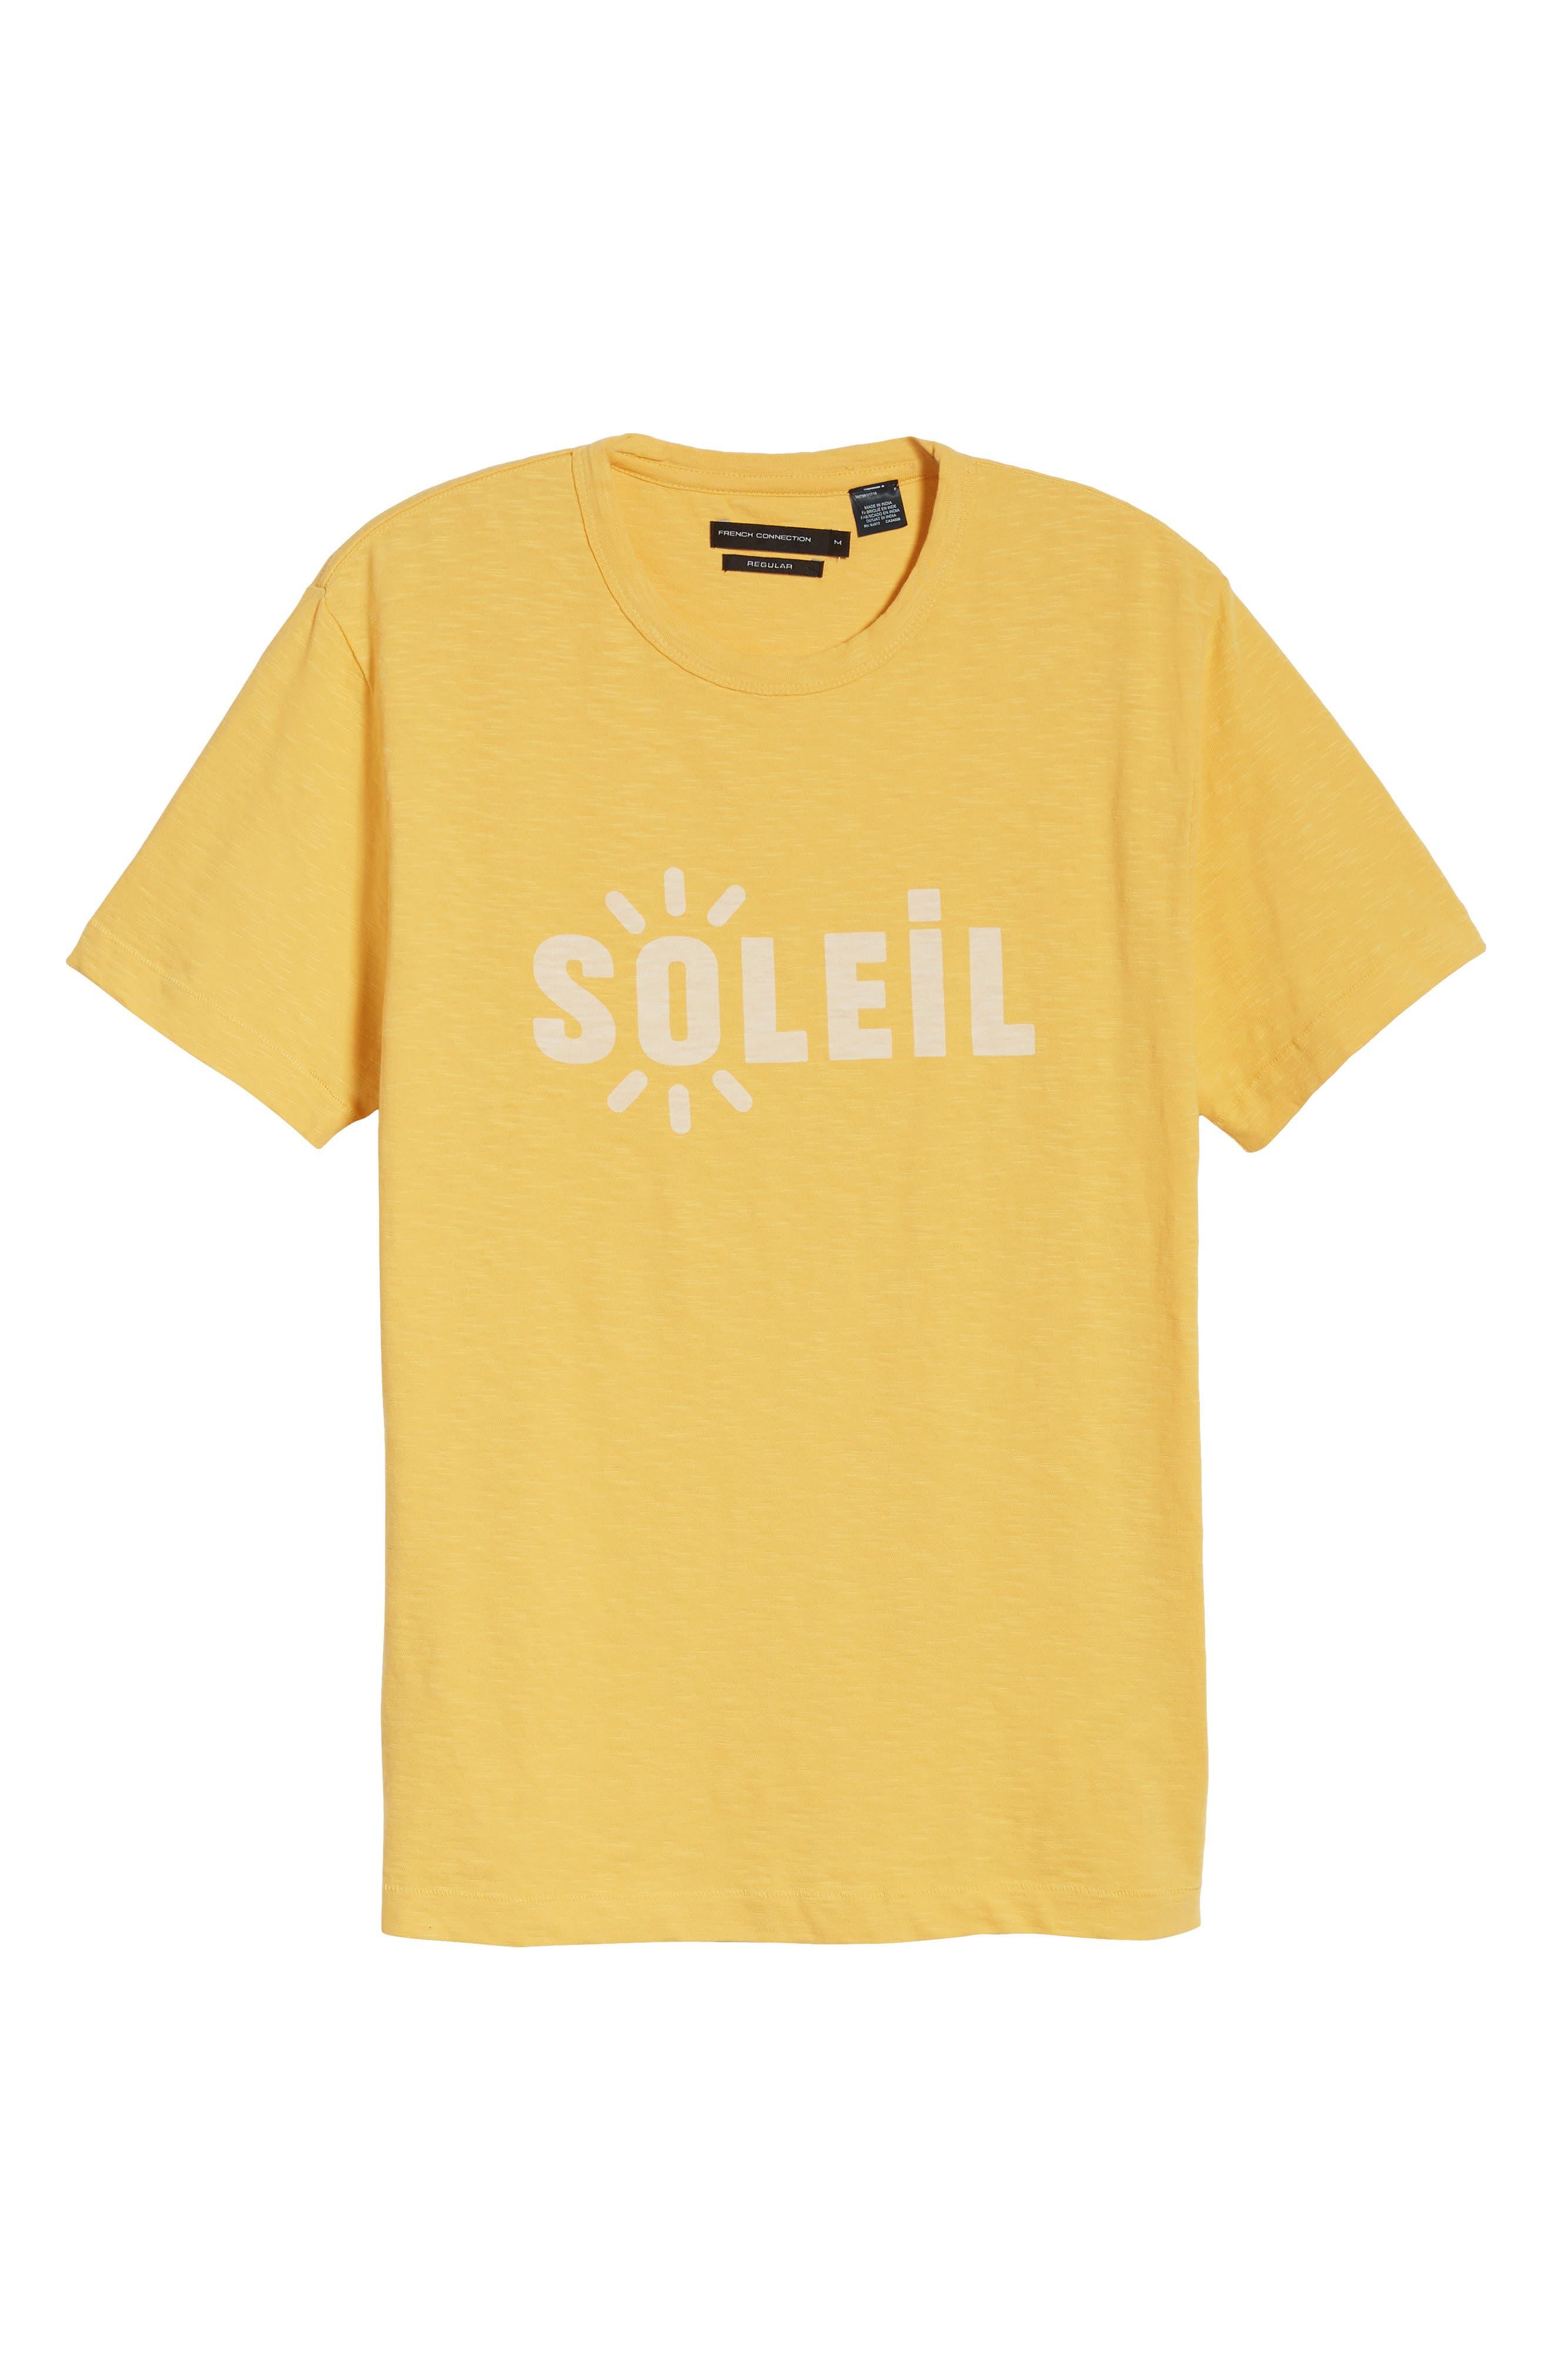 Soleil T-Shirt,                             Alternate thumbnail 6, color,                             731